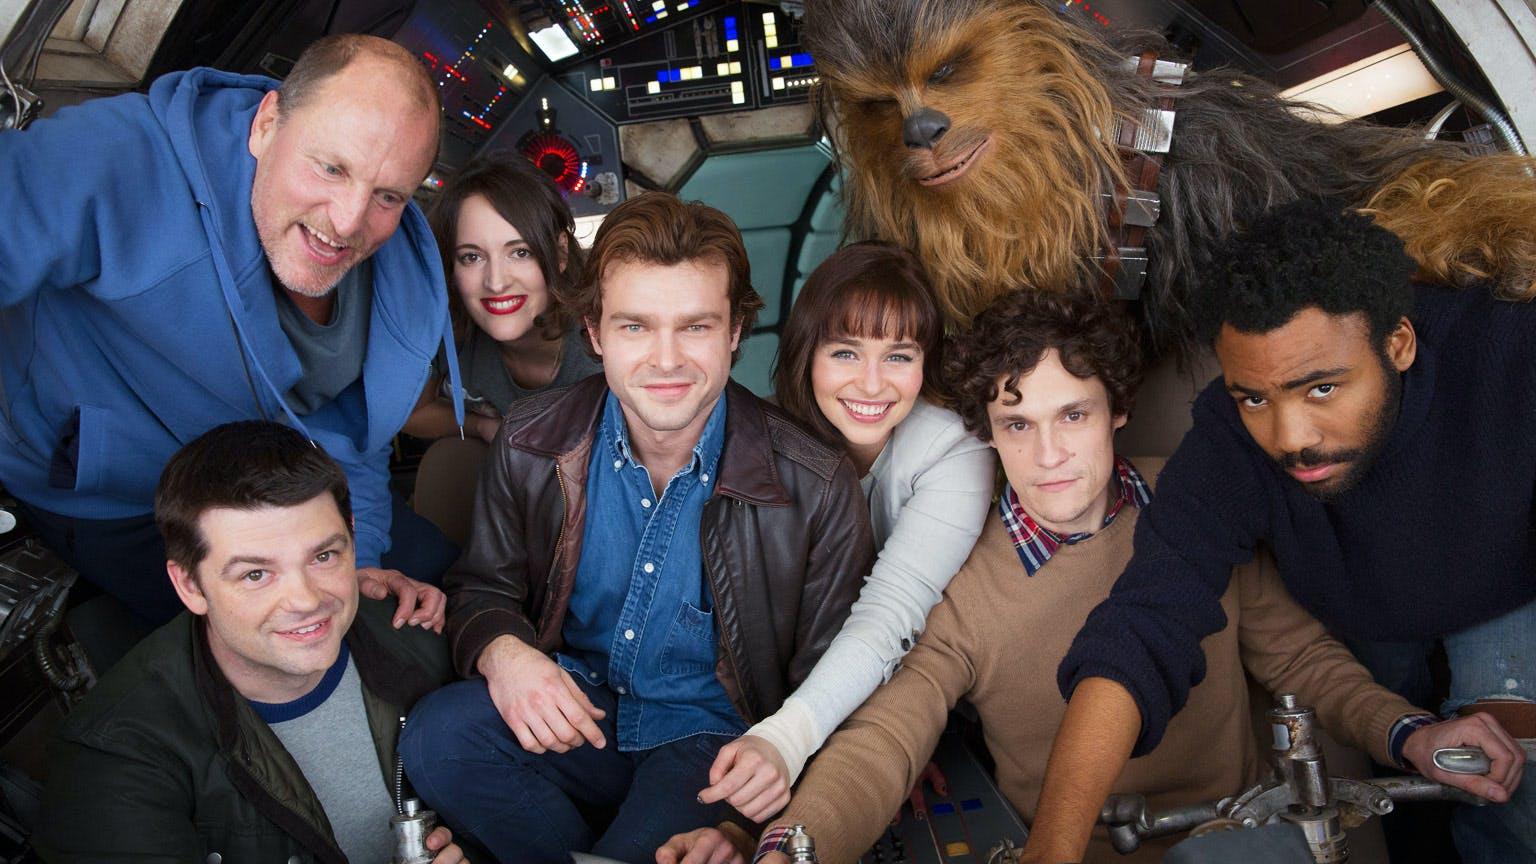 Han Solo movie cast photo